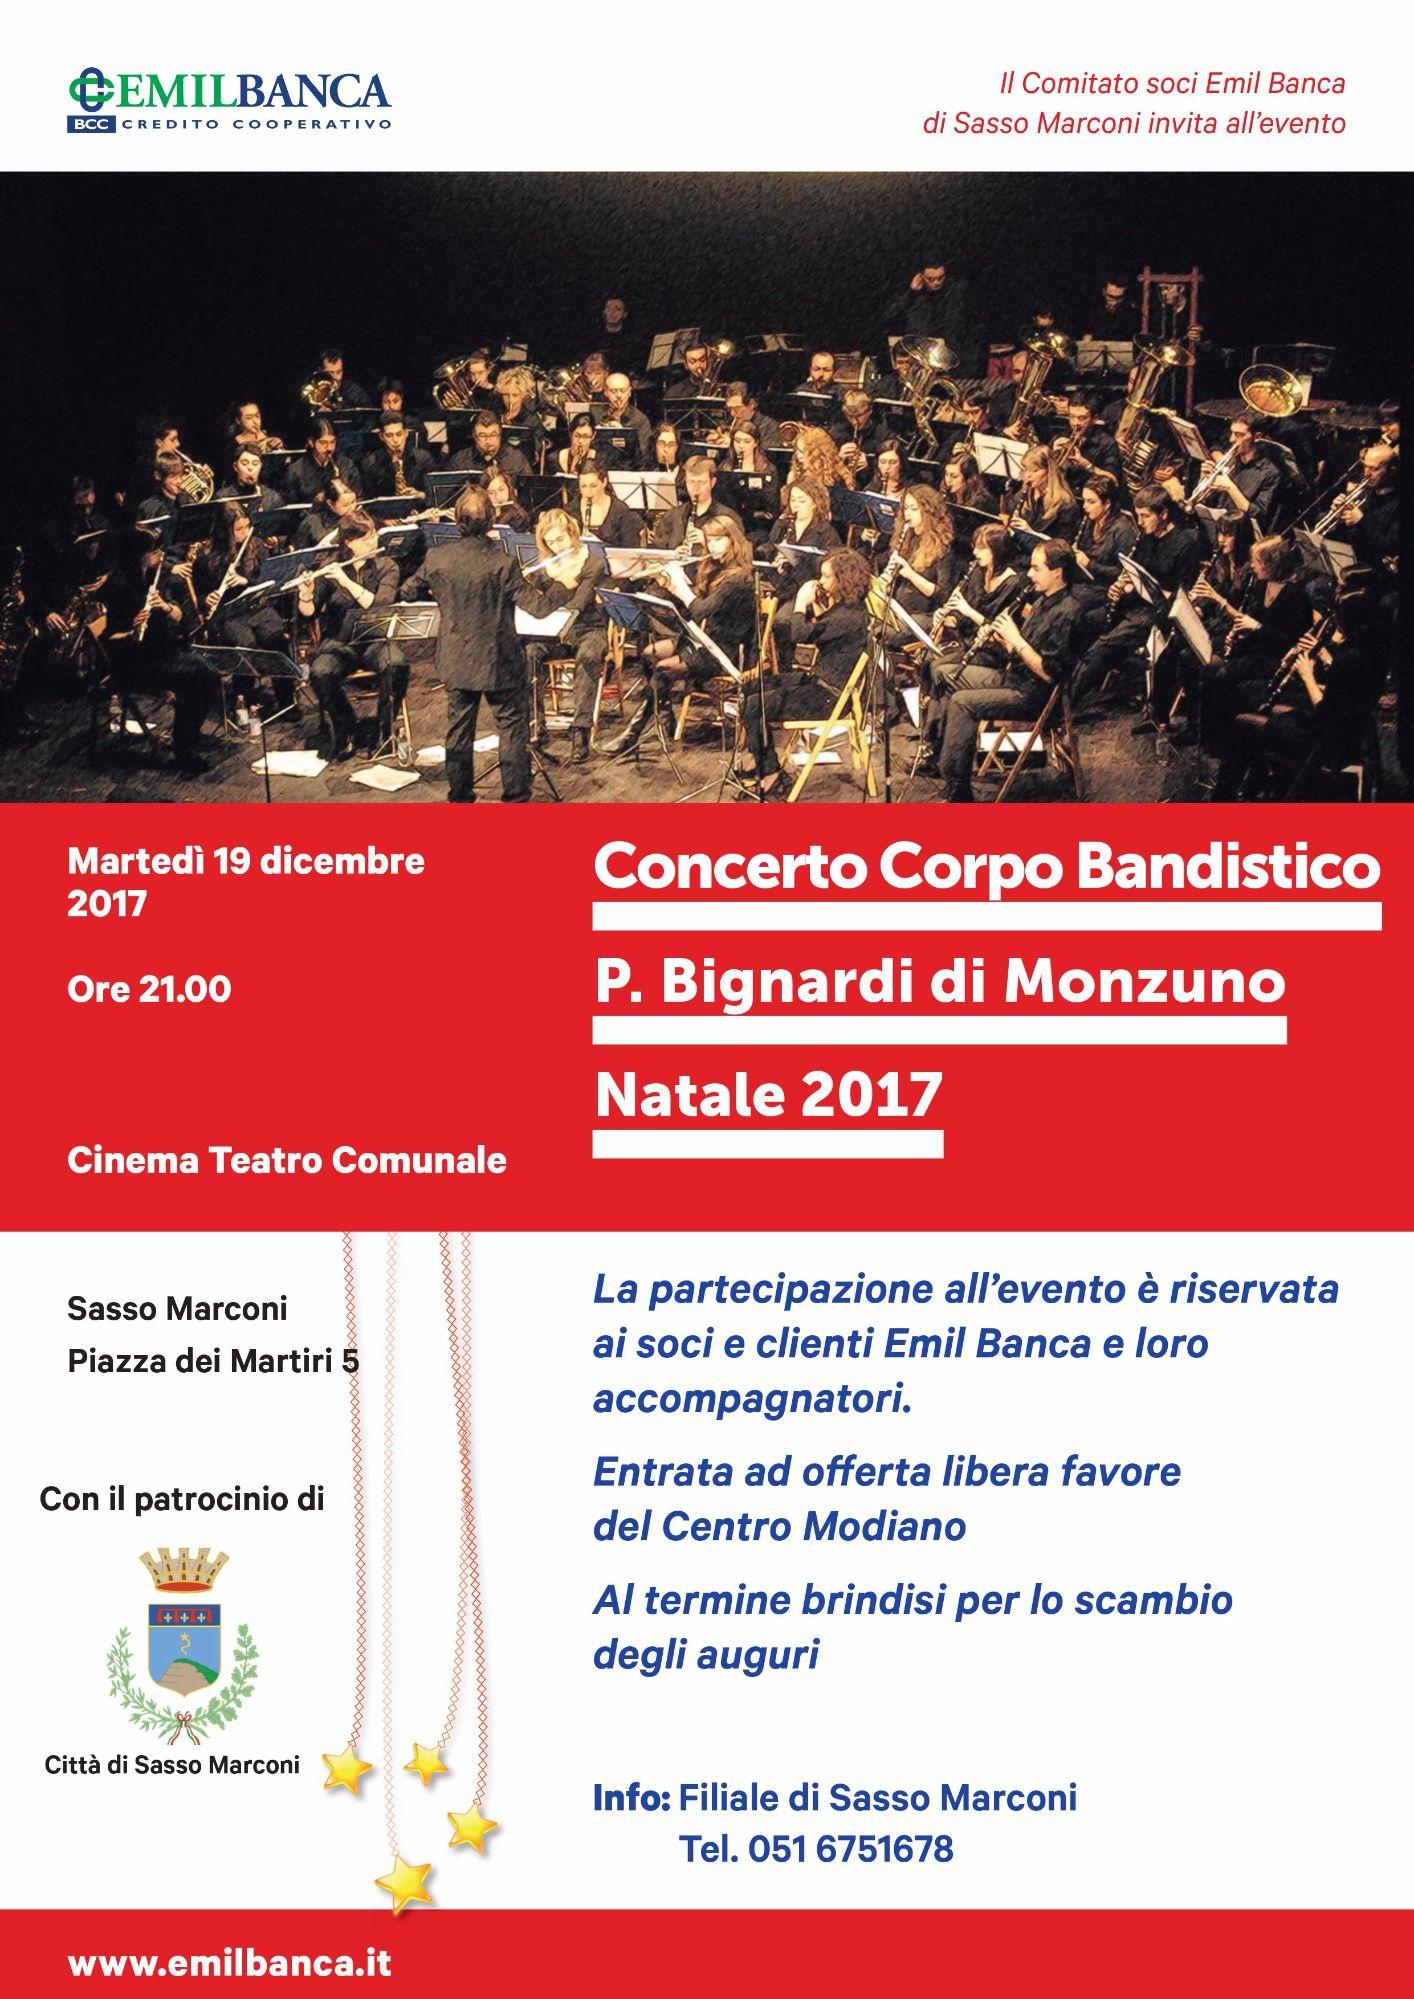 Concerto Corpo Bandistico P. Bignardi di Monzuno